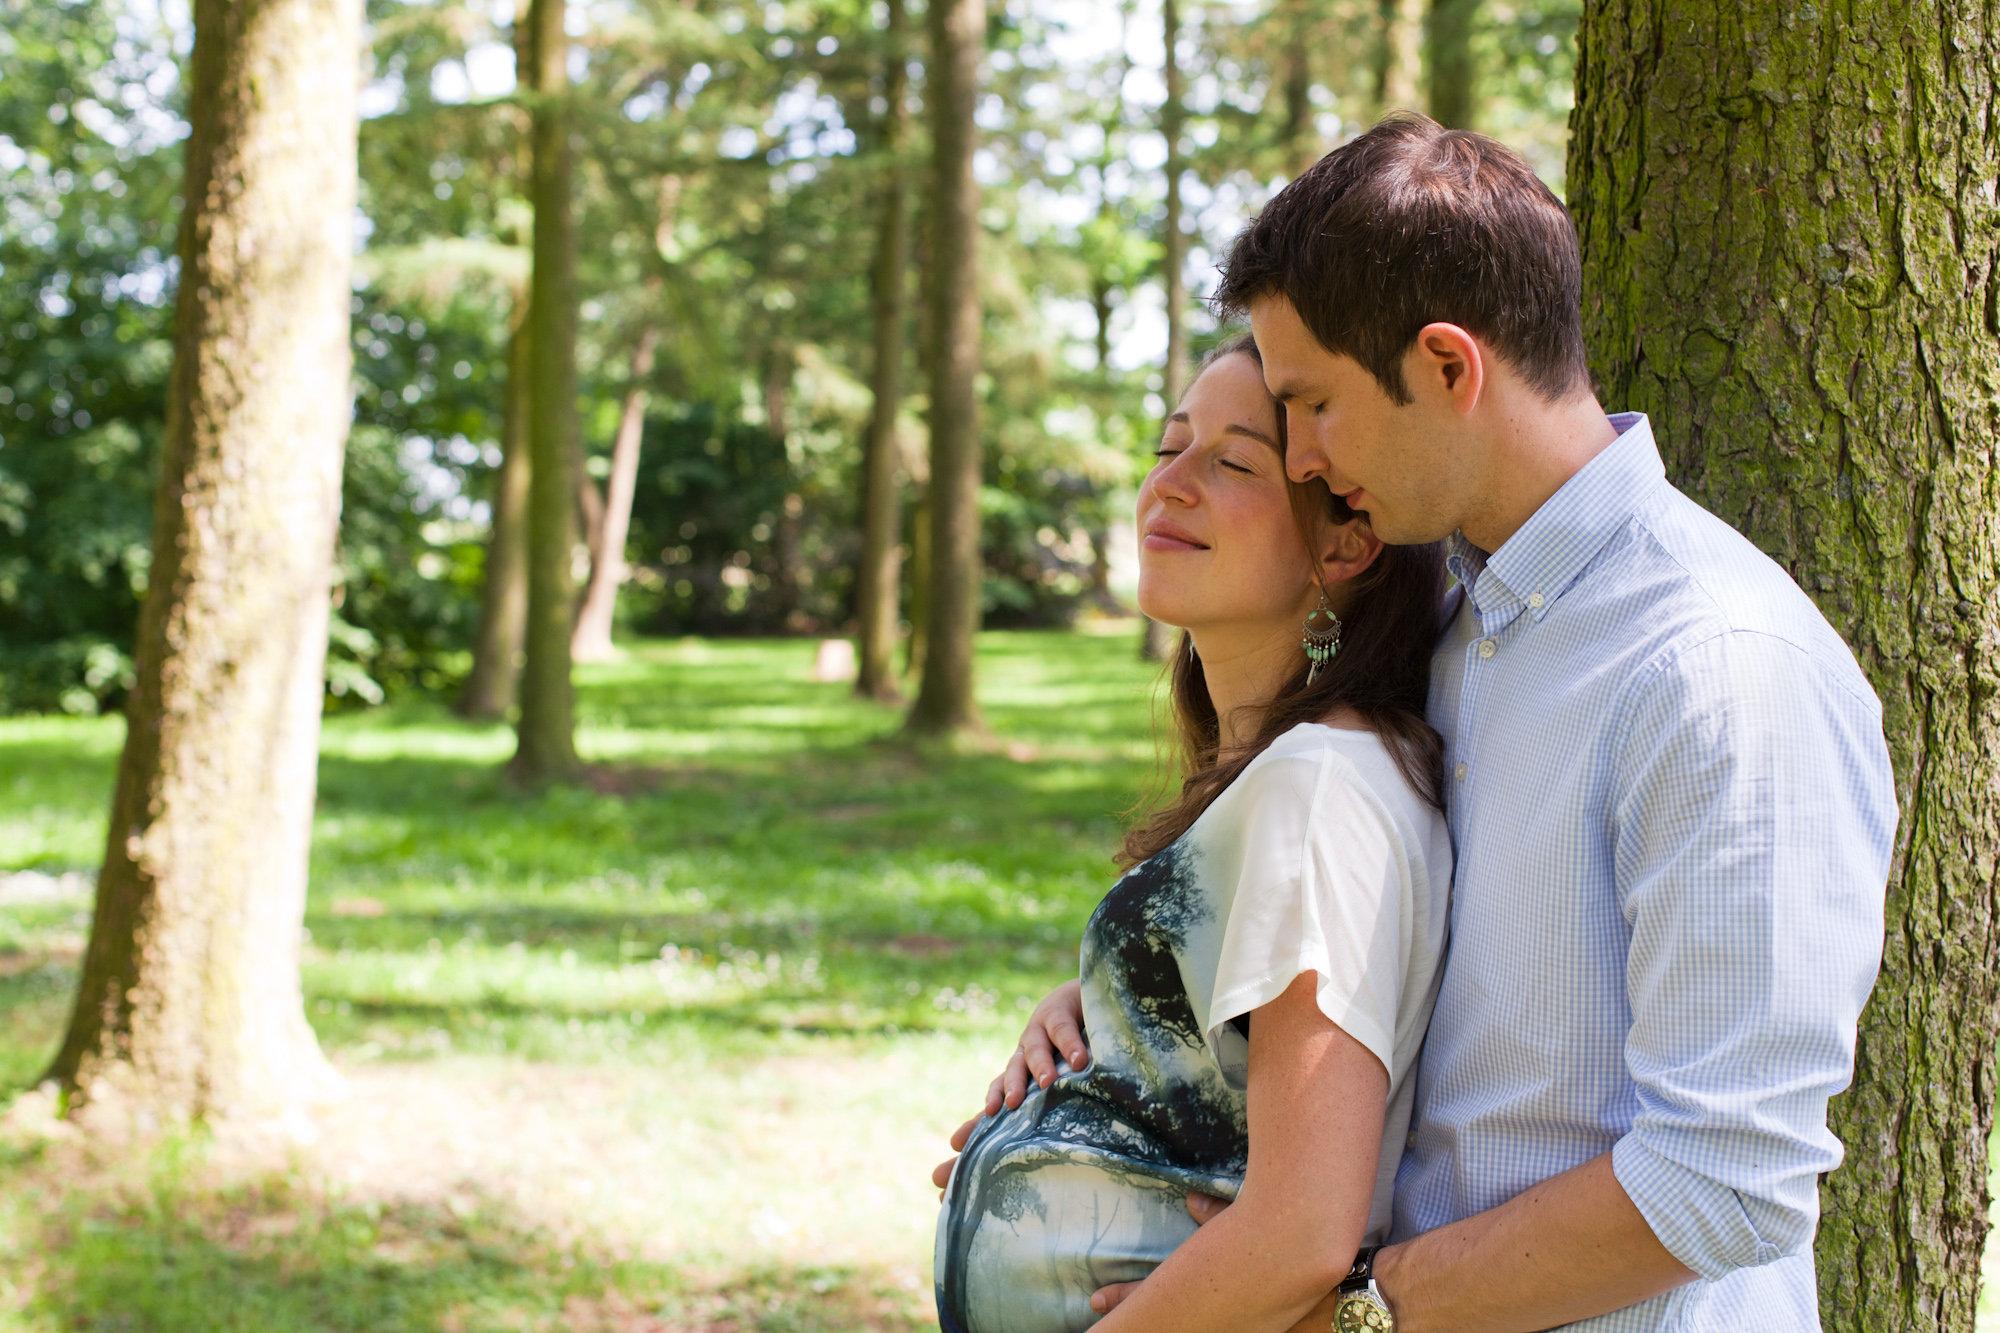 View More: http://aymone.pass.us/grossesselauriane